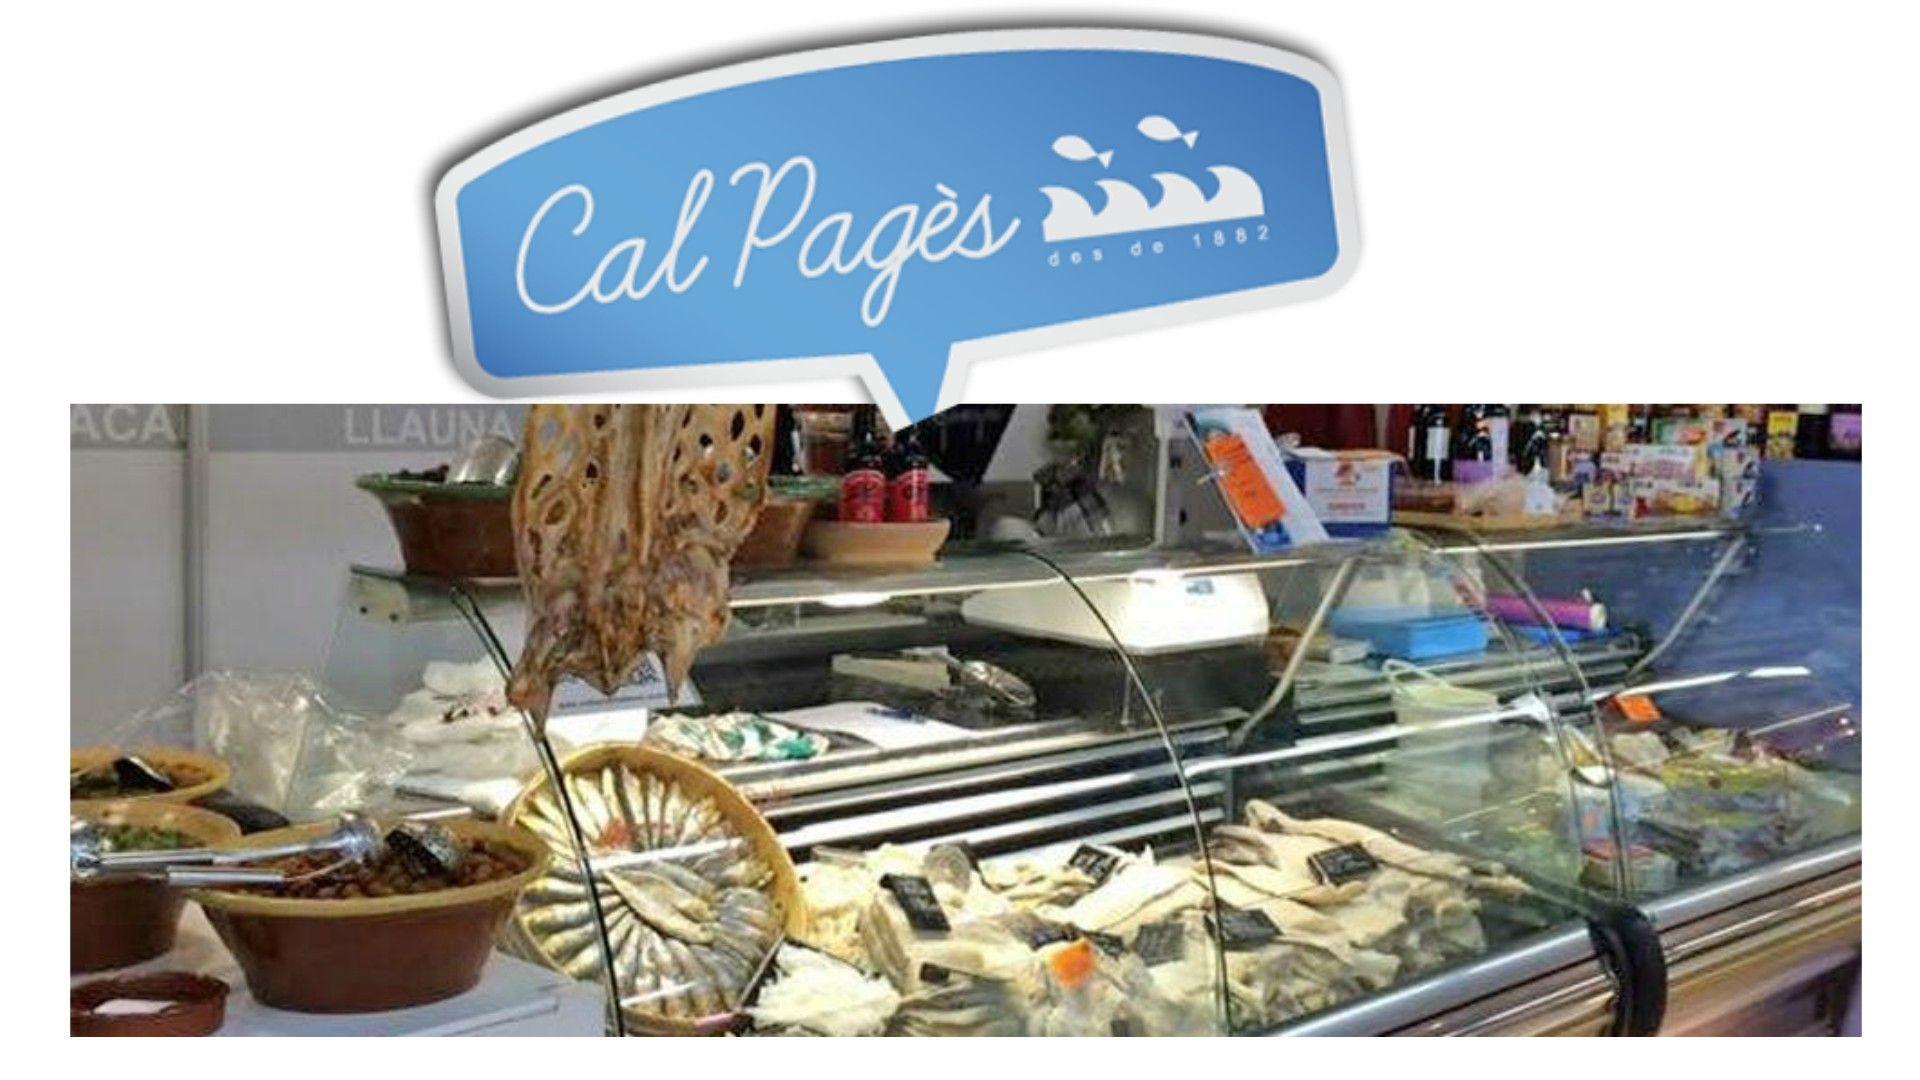 Bacallaneria Cal Pagès